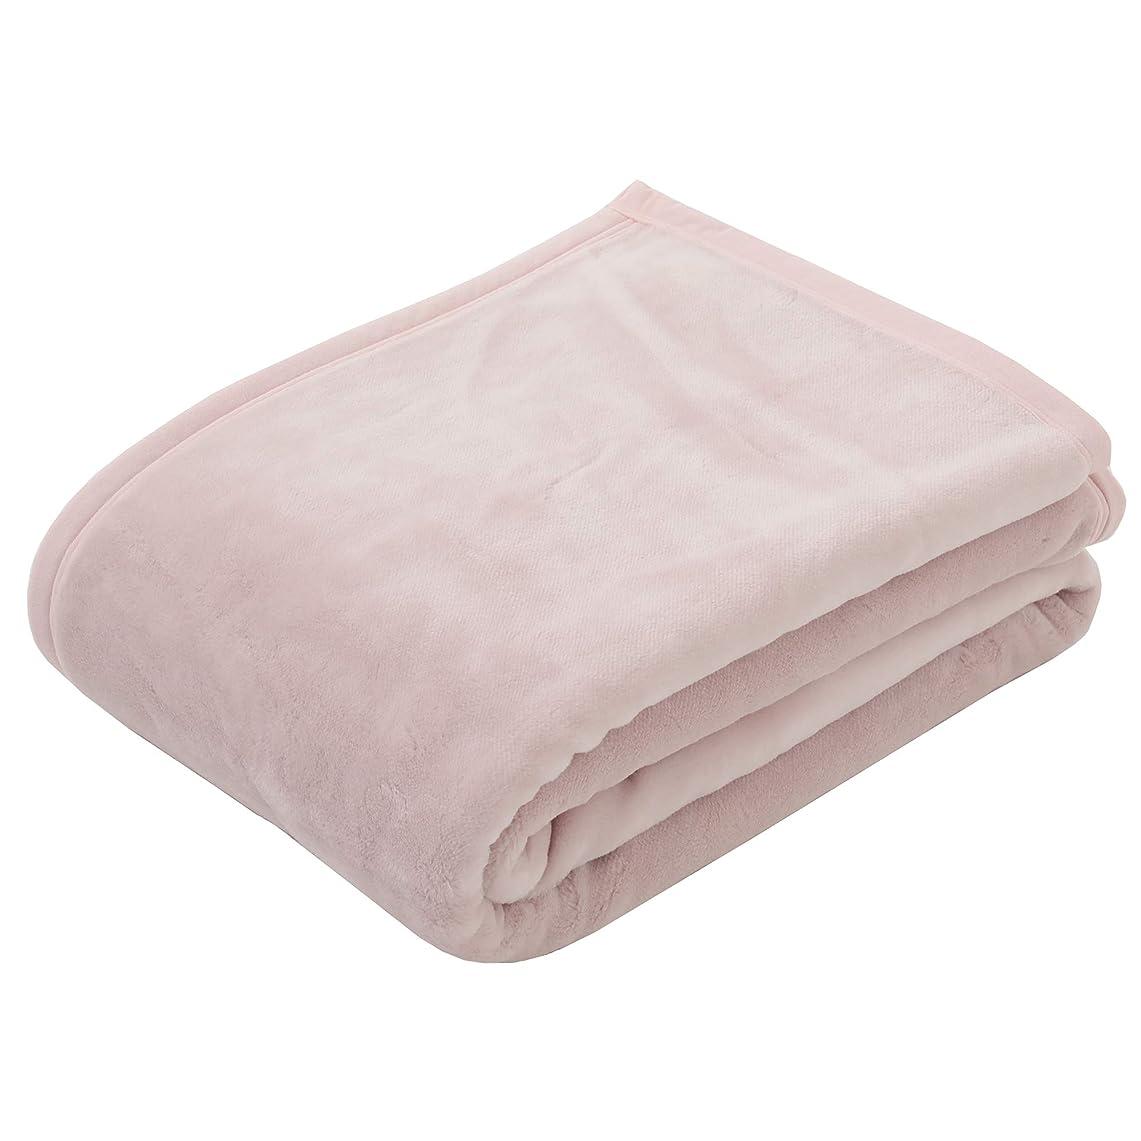 船尾花輪ヒゲクジラ西川(Nishikawa) 毛布 ピンク シングル 日本製 なめらかローズオイル加工 ボーテ 無地カラー FQ08500023P